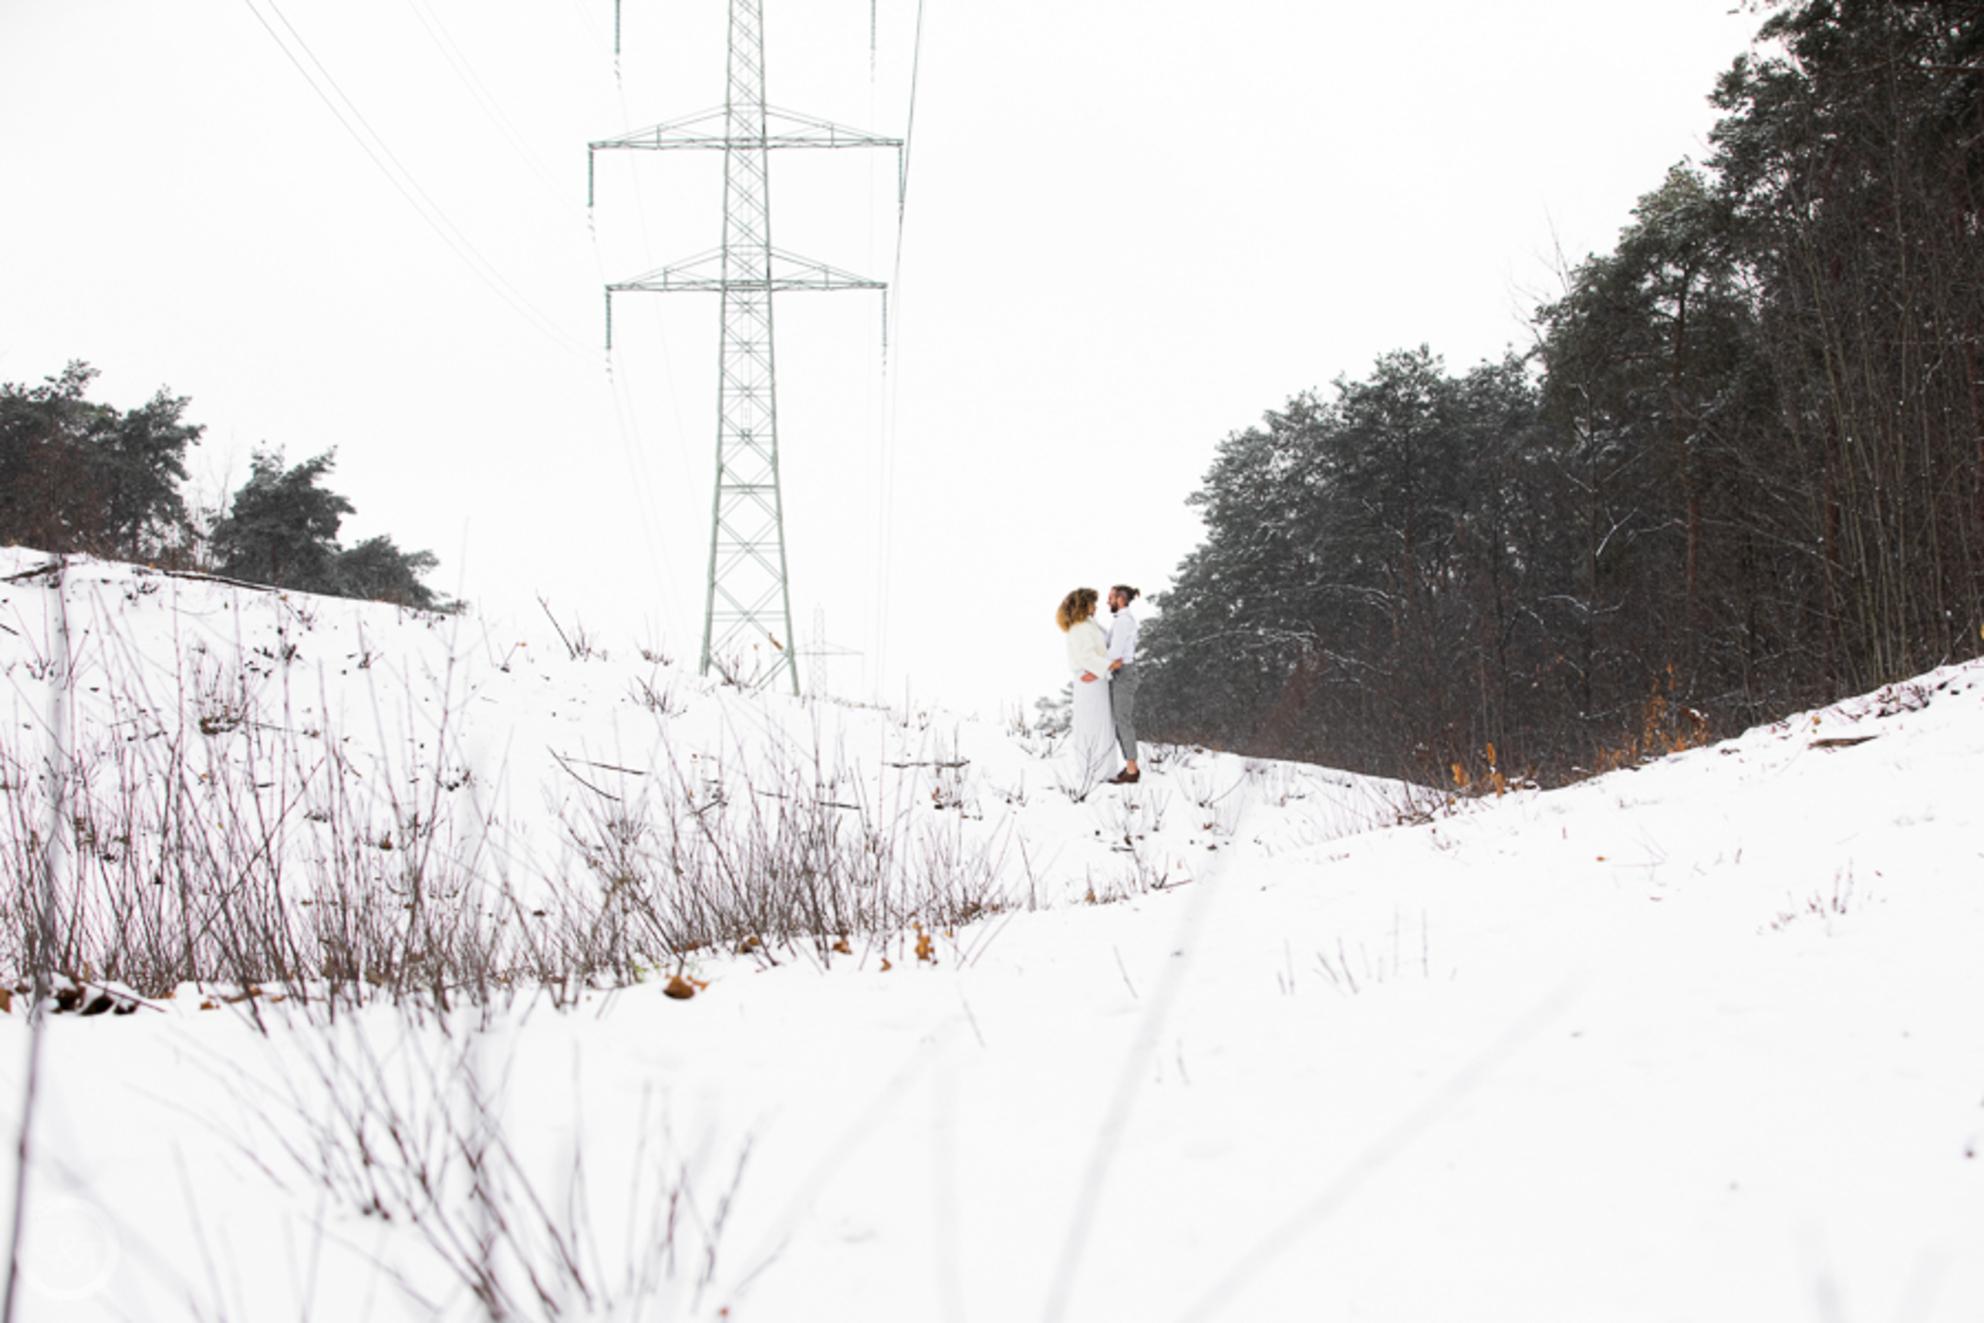 Liefde - Als liefde en landschap samenkomen. - foto door CreateTrends op 23-02-2021 - deze foto bevat: mensen, wit, trouwen, licht, sneeuw, liefde, bergen, electriciteit, dag, koppel, langschap - Deze foto mag gebruikt worden in een Zoom.nl publicatie